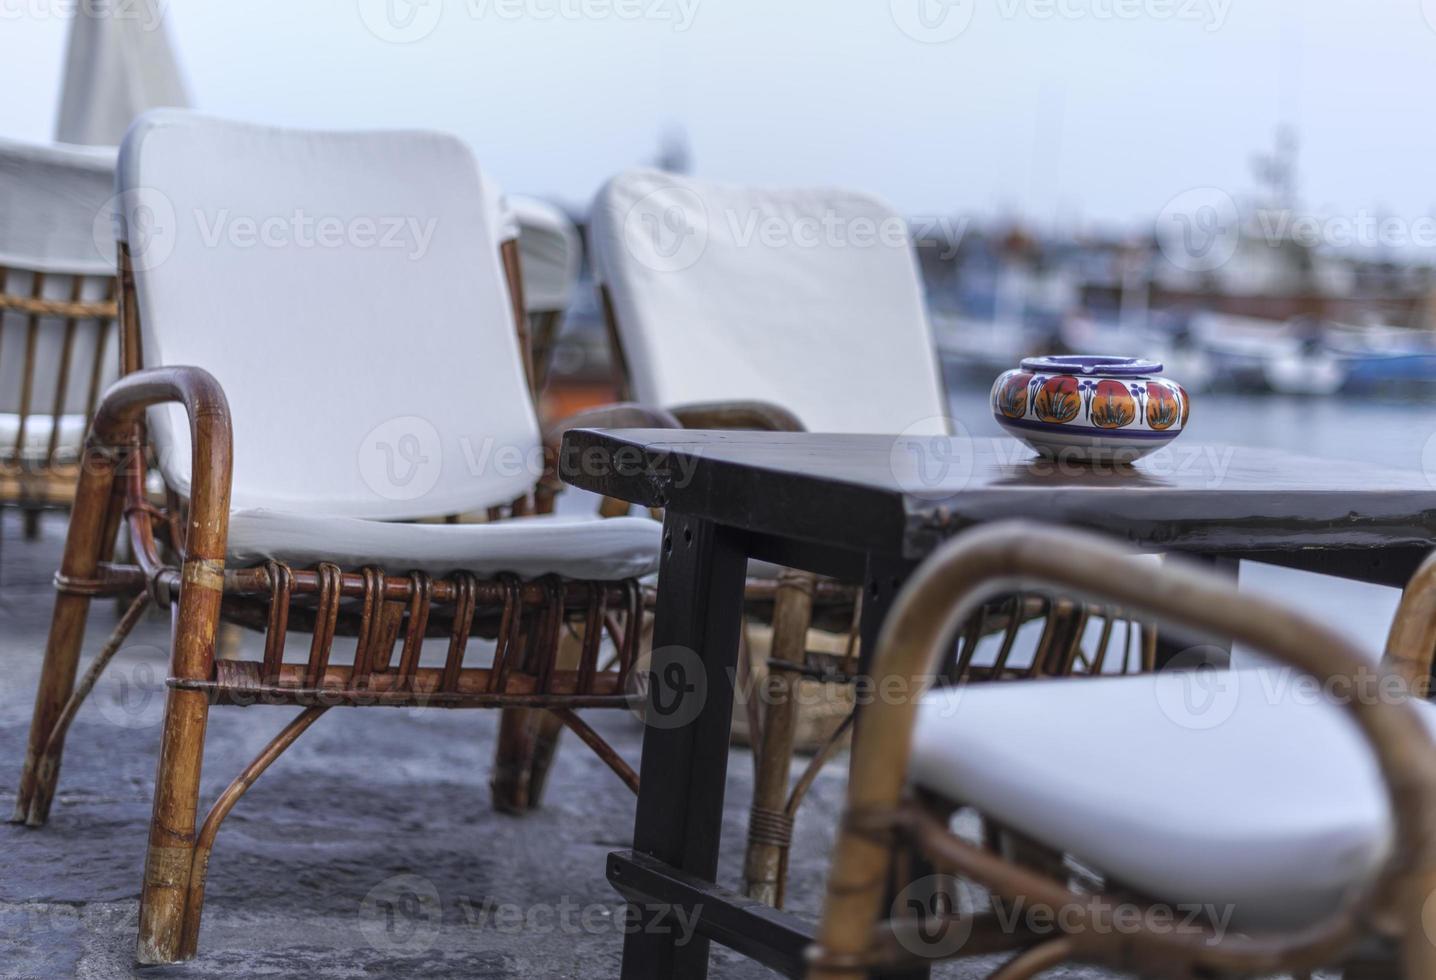 sant'angelo d'ischia, bar Harbor. italo slappna av. mode foto